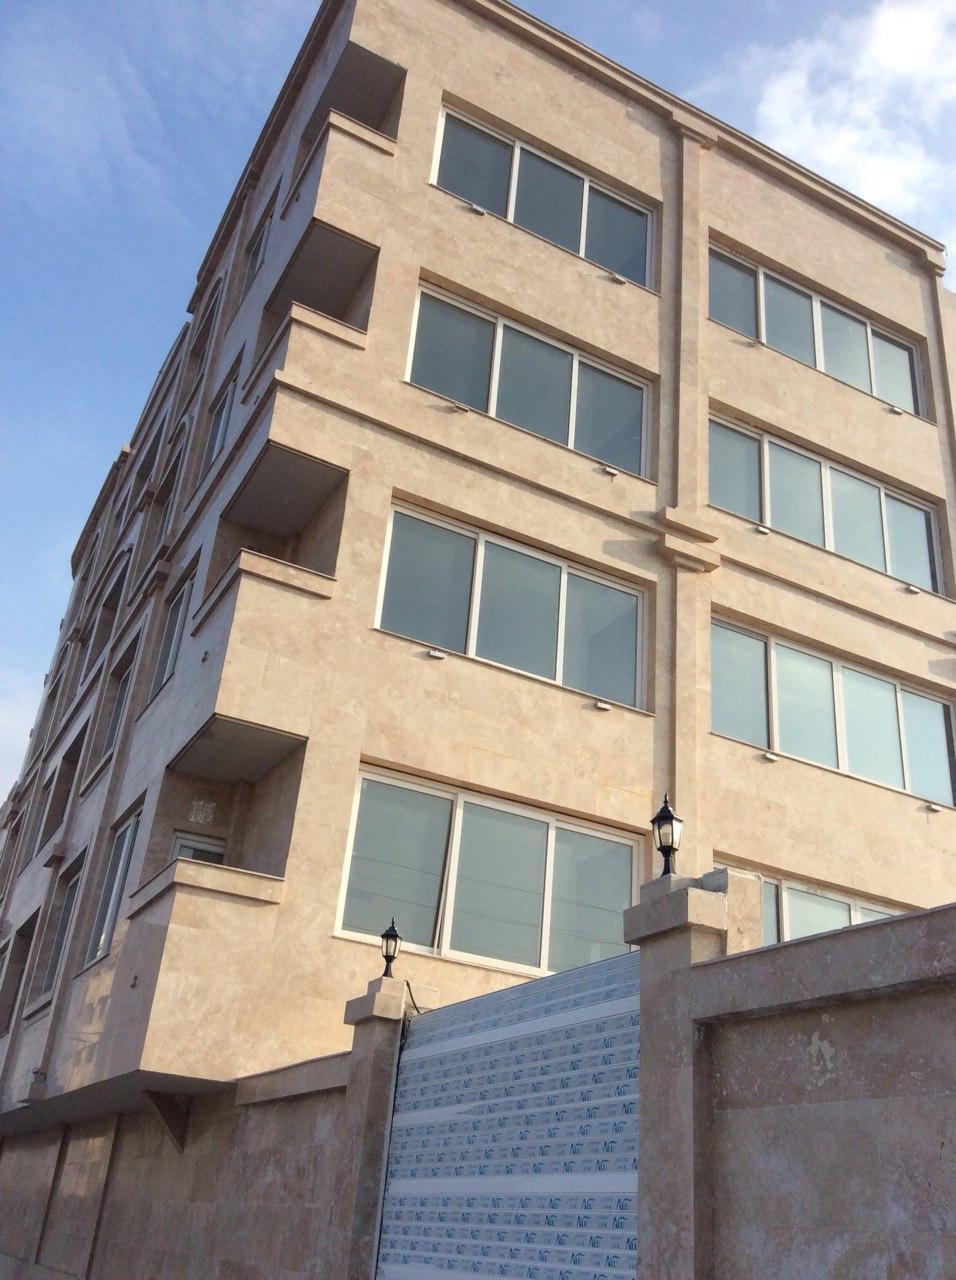 پروژه خیابان امیریه آسانسور 6 نفره 5 توقف